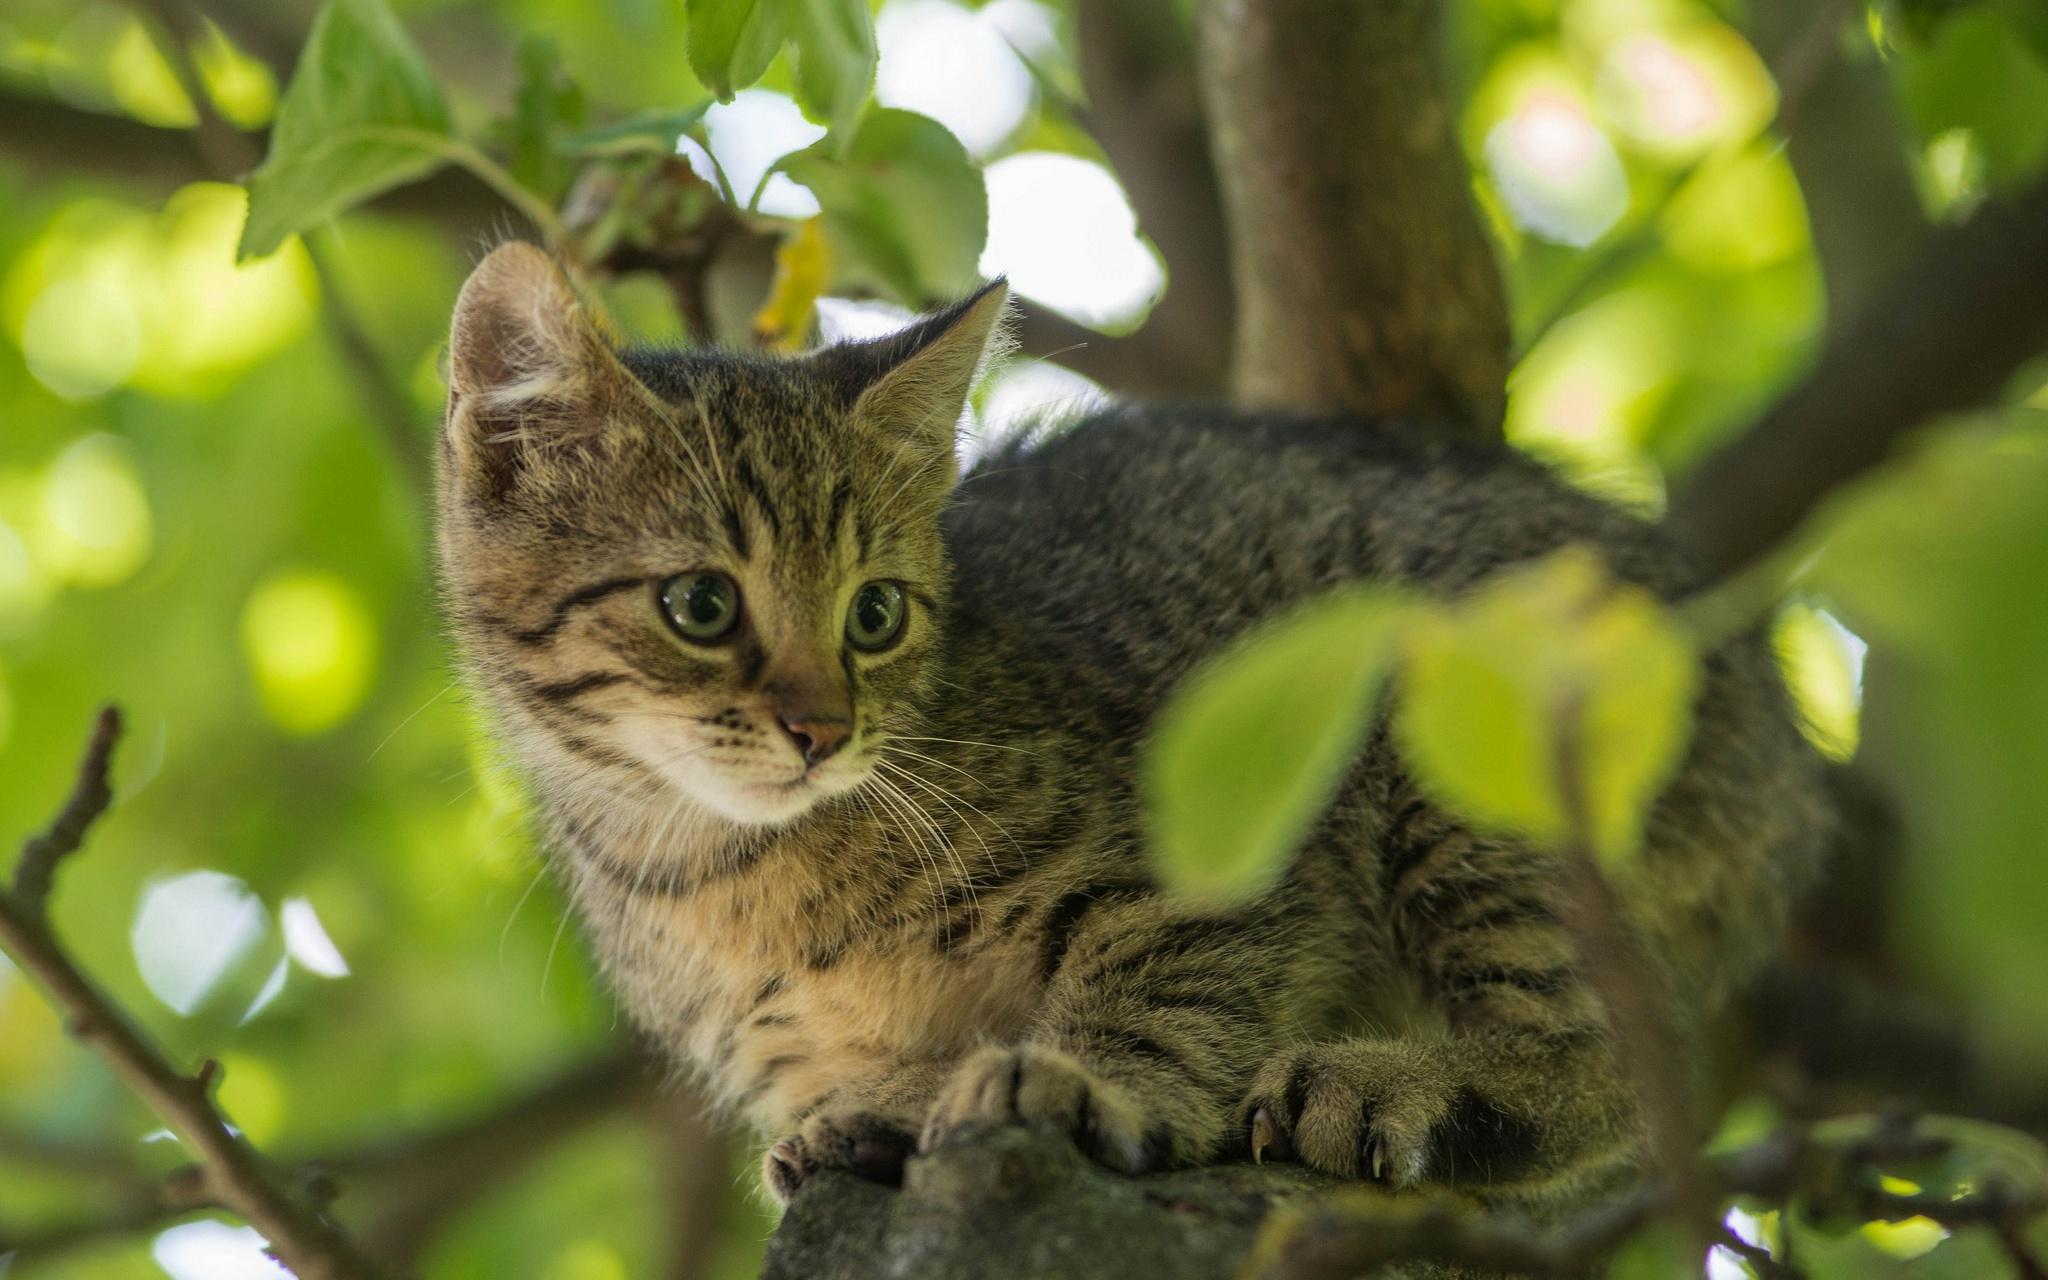 Кот на ветке  № 1118457 бесплатно